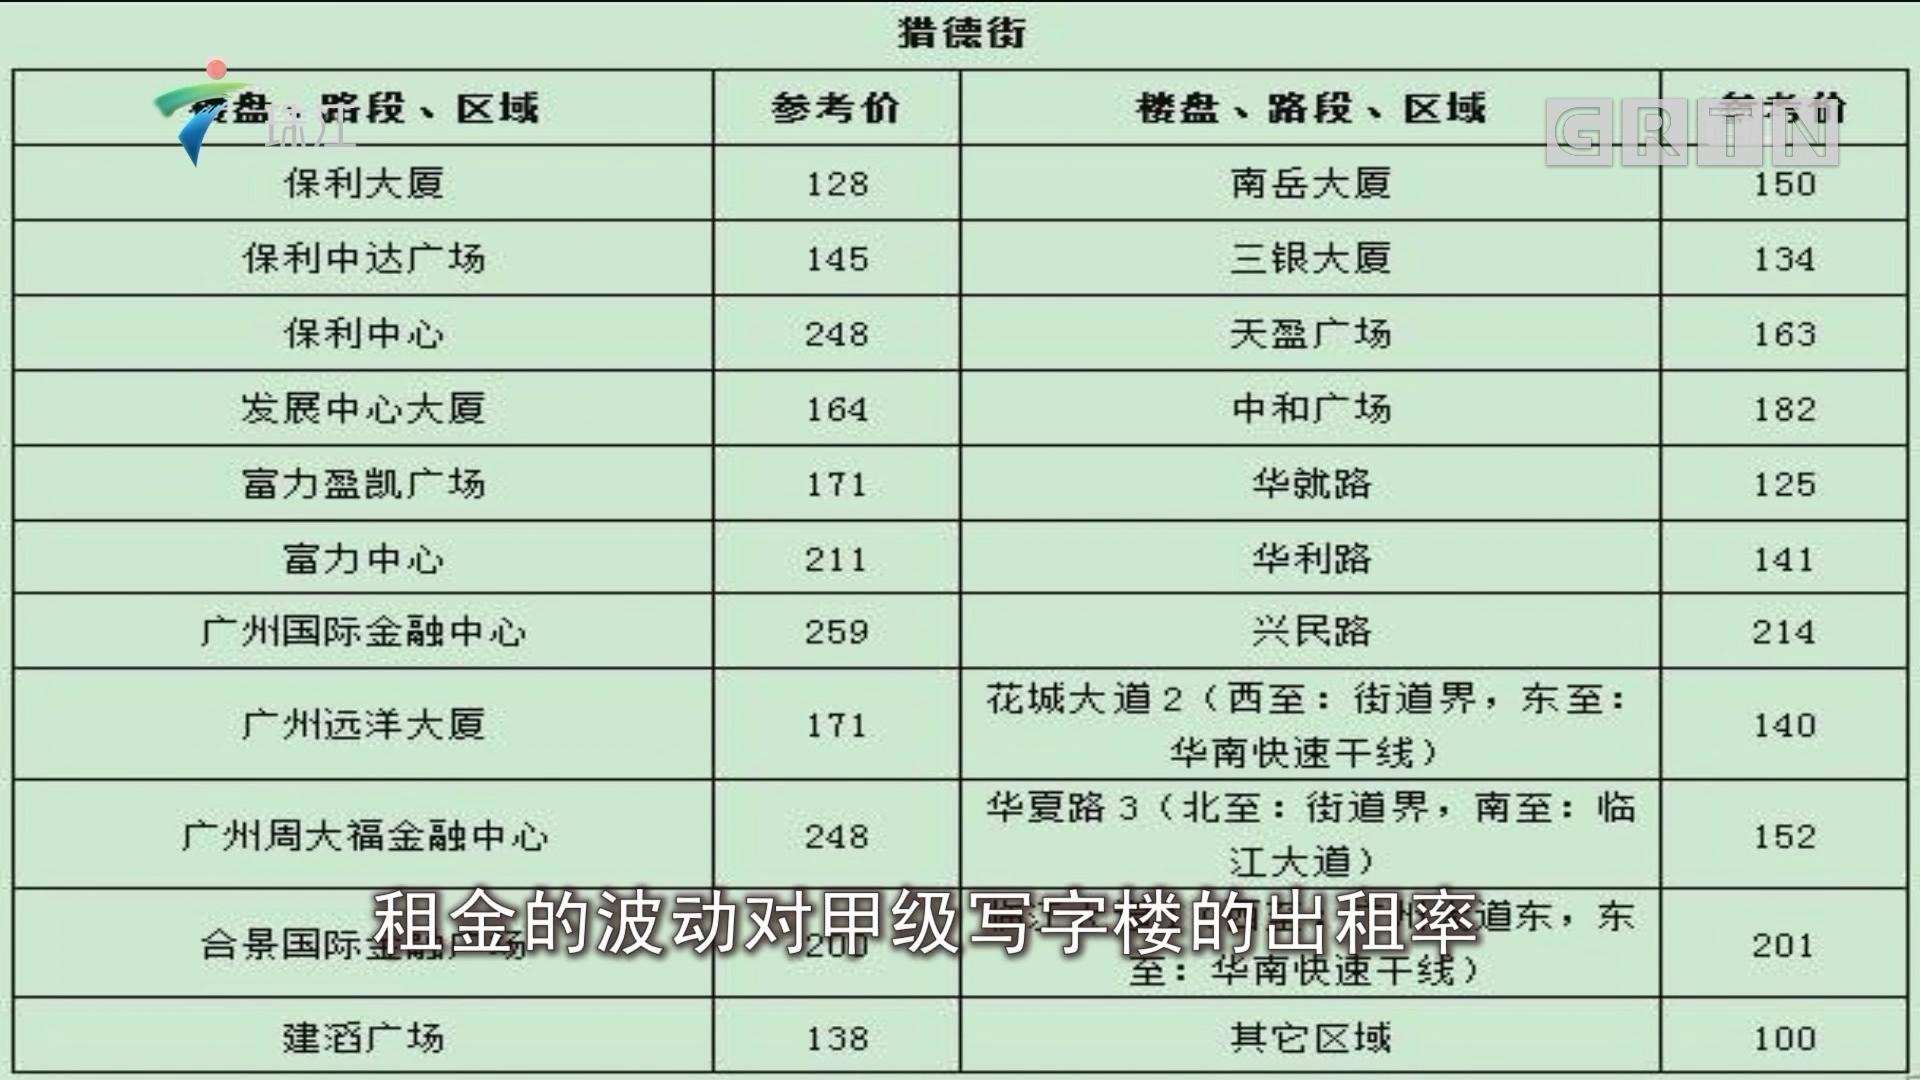 广州:三大最贵写字楼 不同幅度微调